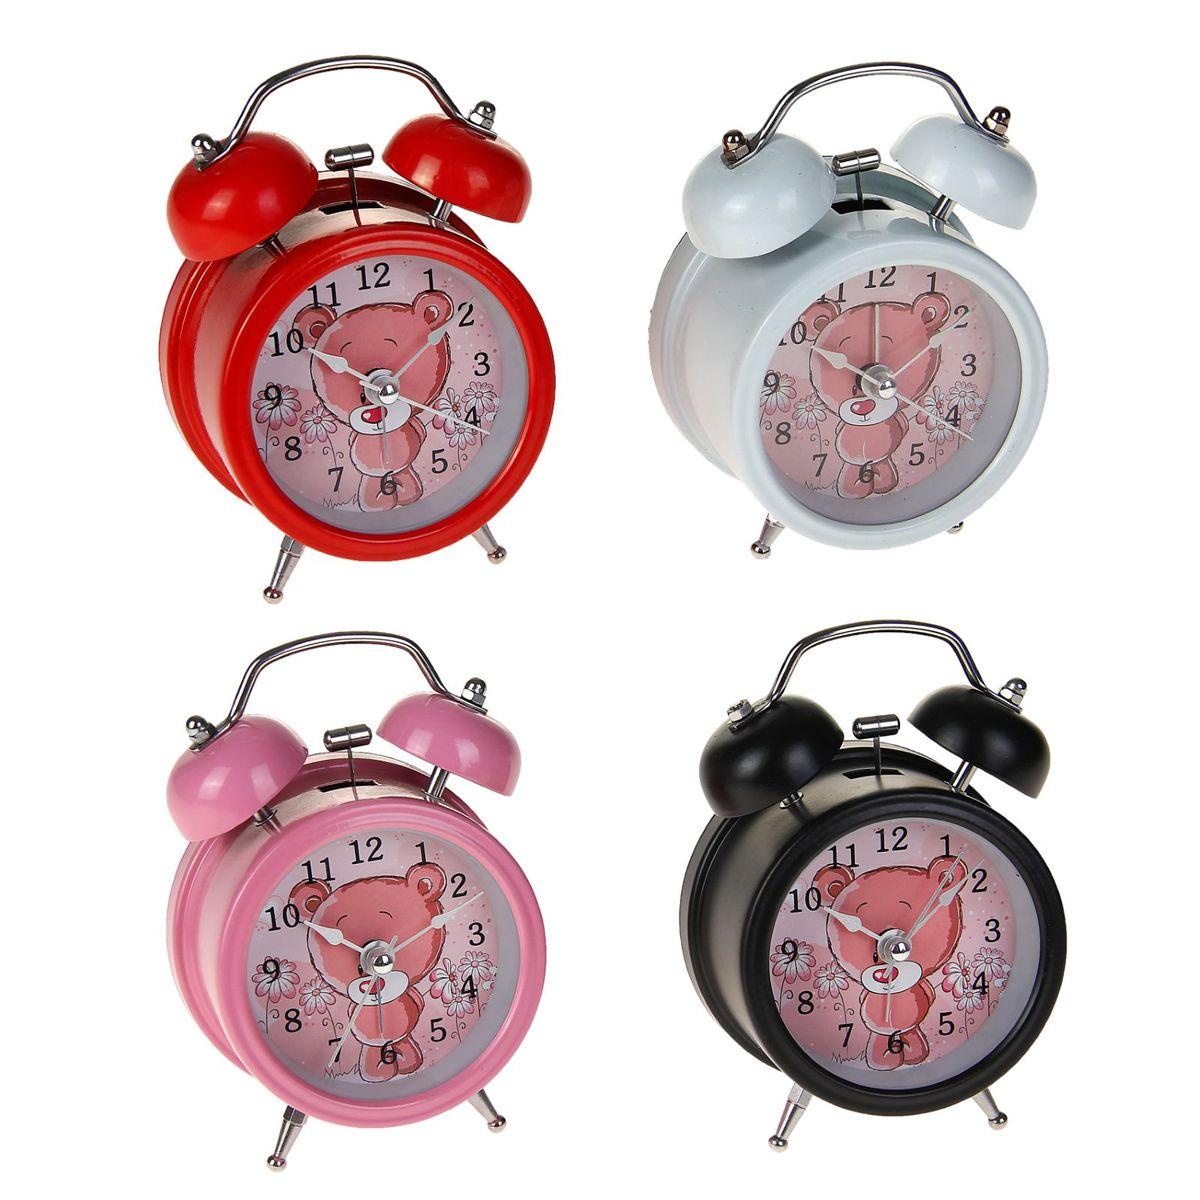 будильник d=8см 2 звоночка на циферблате Мишка-стесняшка микс 127199127199Металл, стекло, пластик